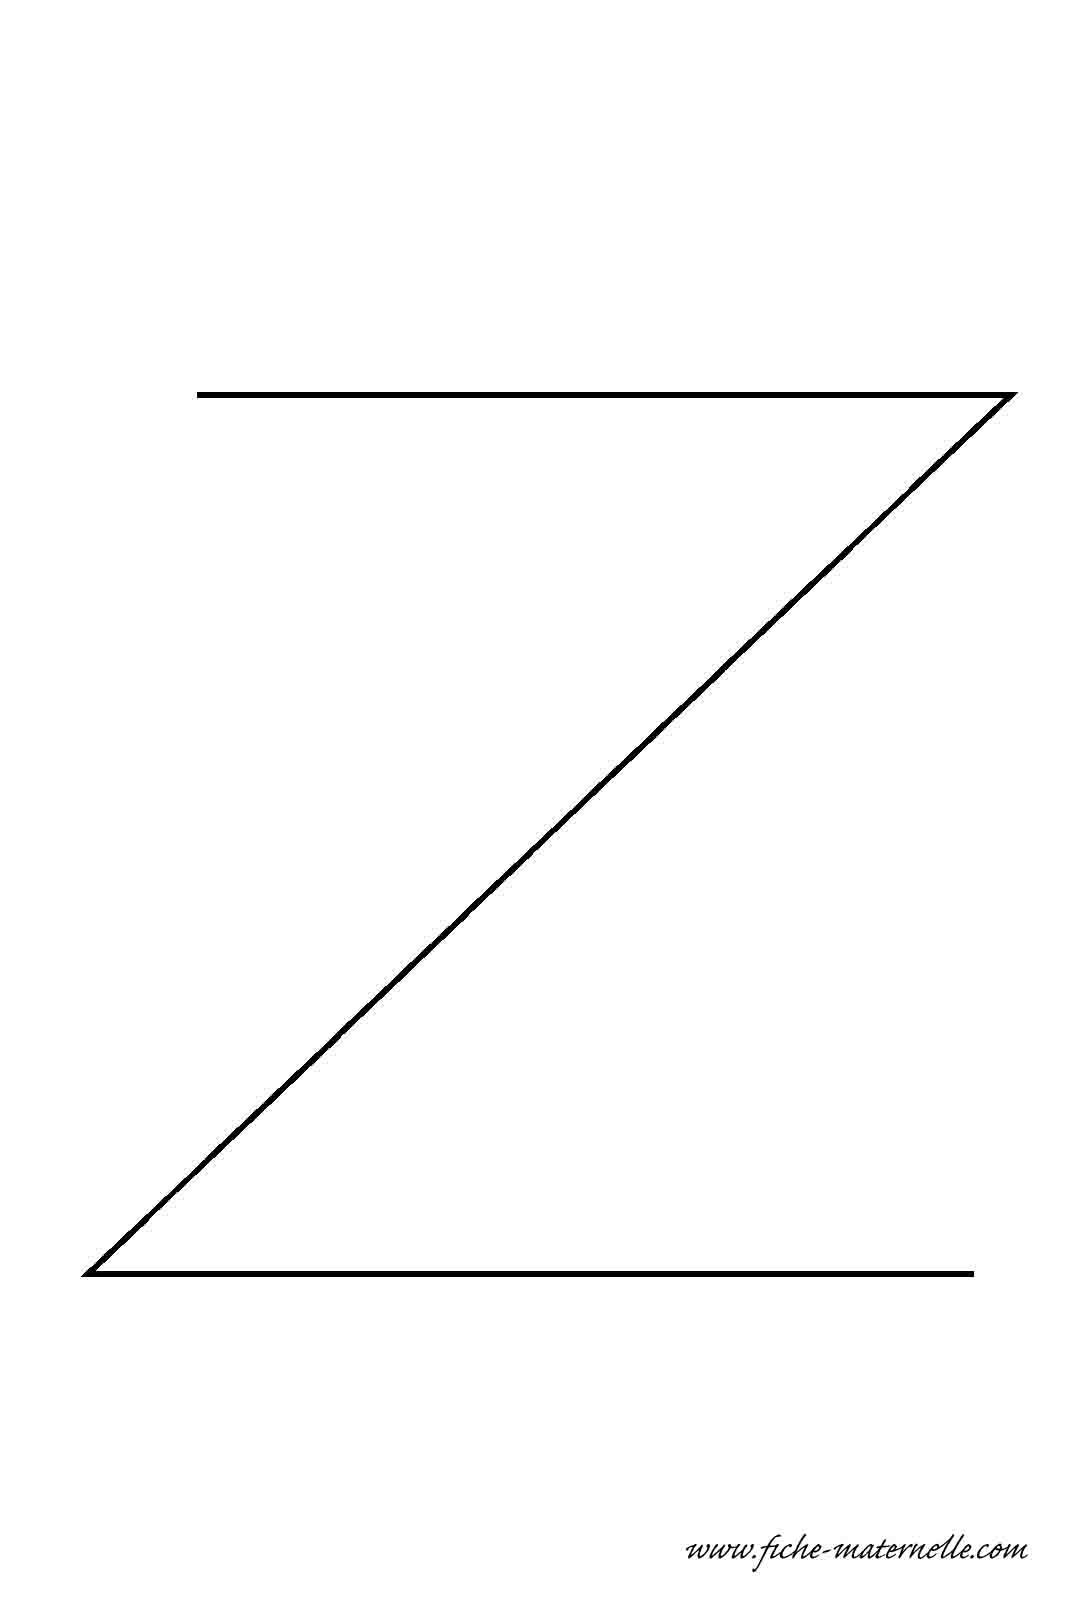 Lettre de l 39 alphabet d corer la lettre capitale z fil de fer - Lettres de l alphabet a decorer ...